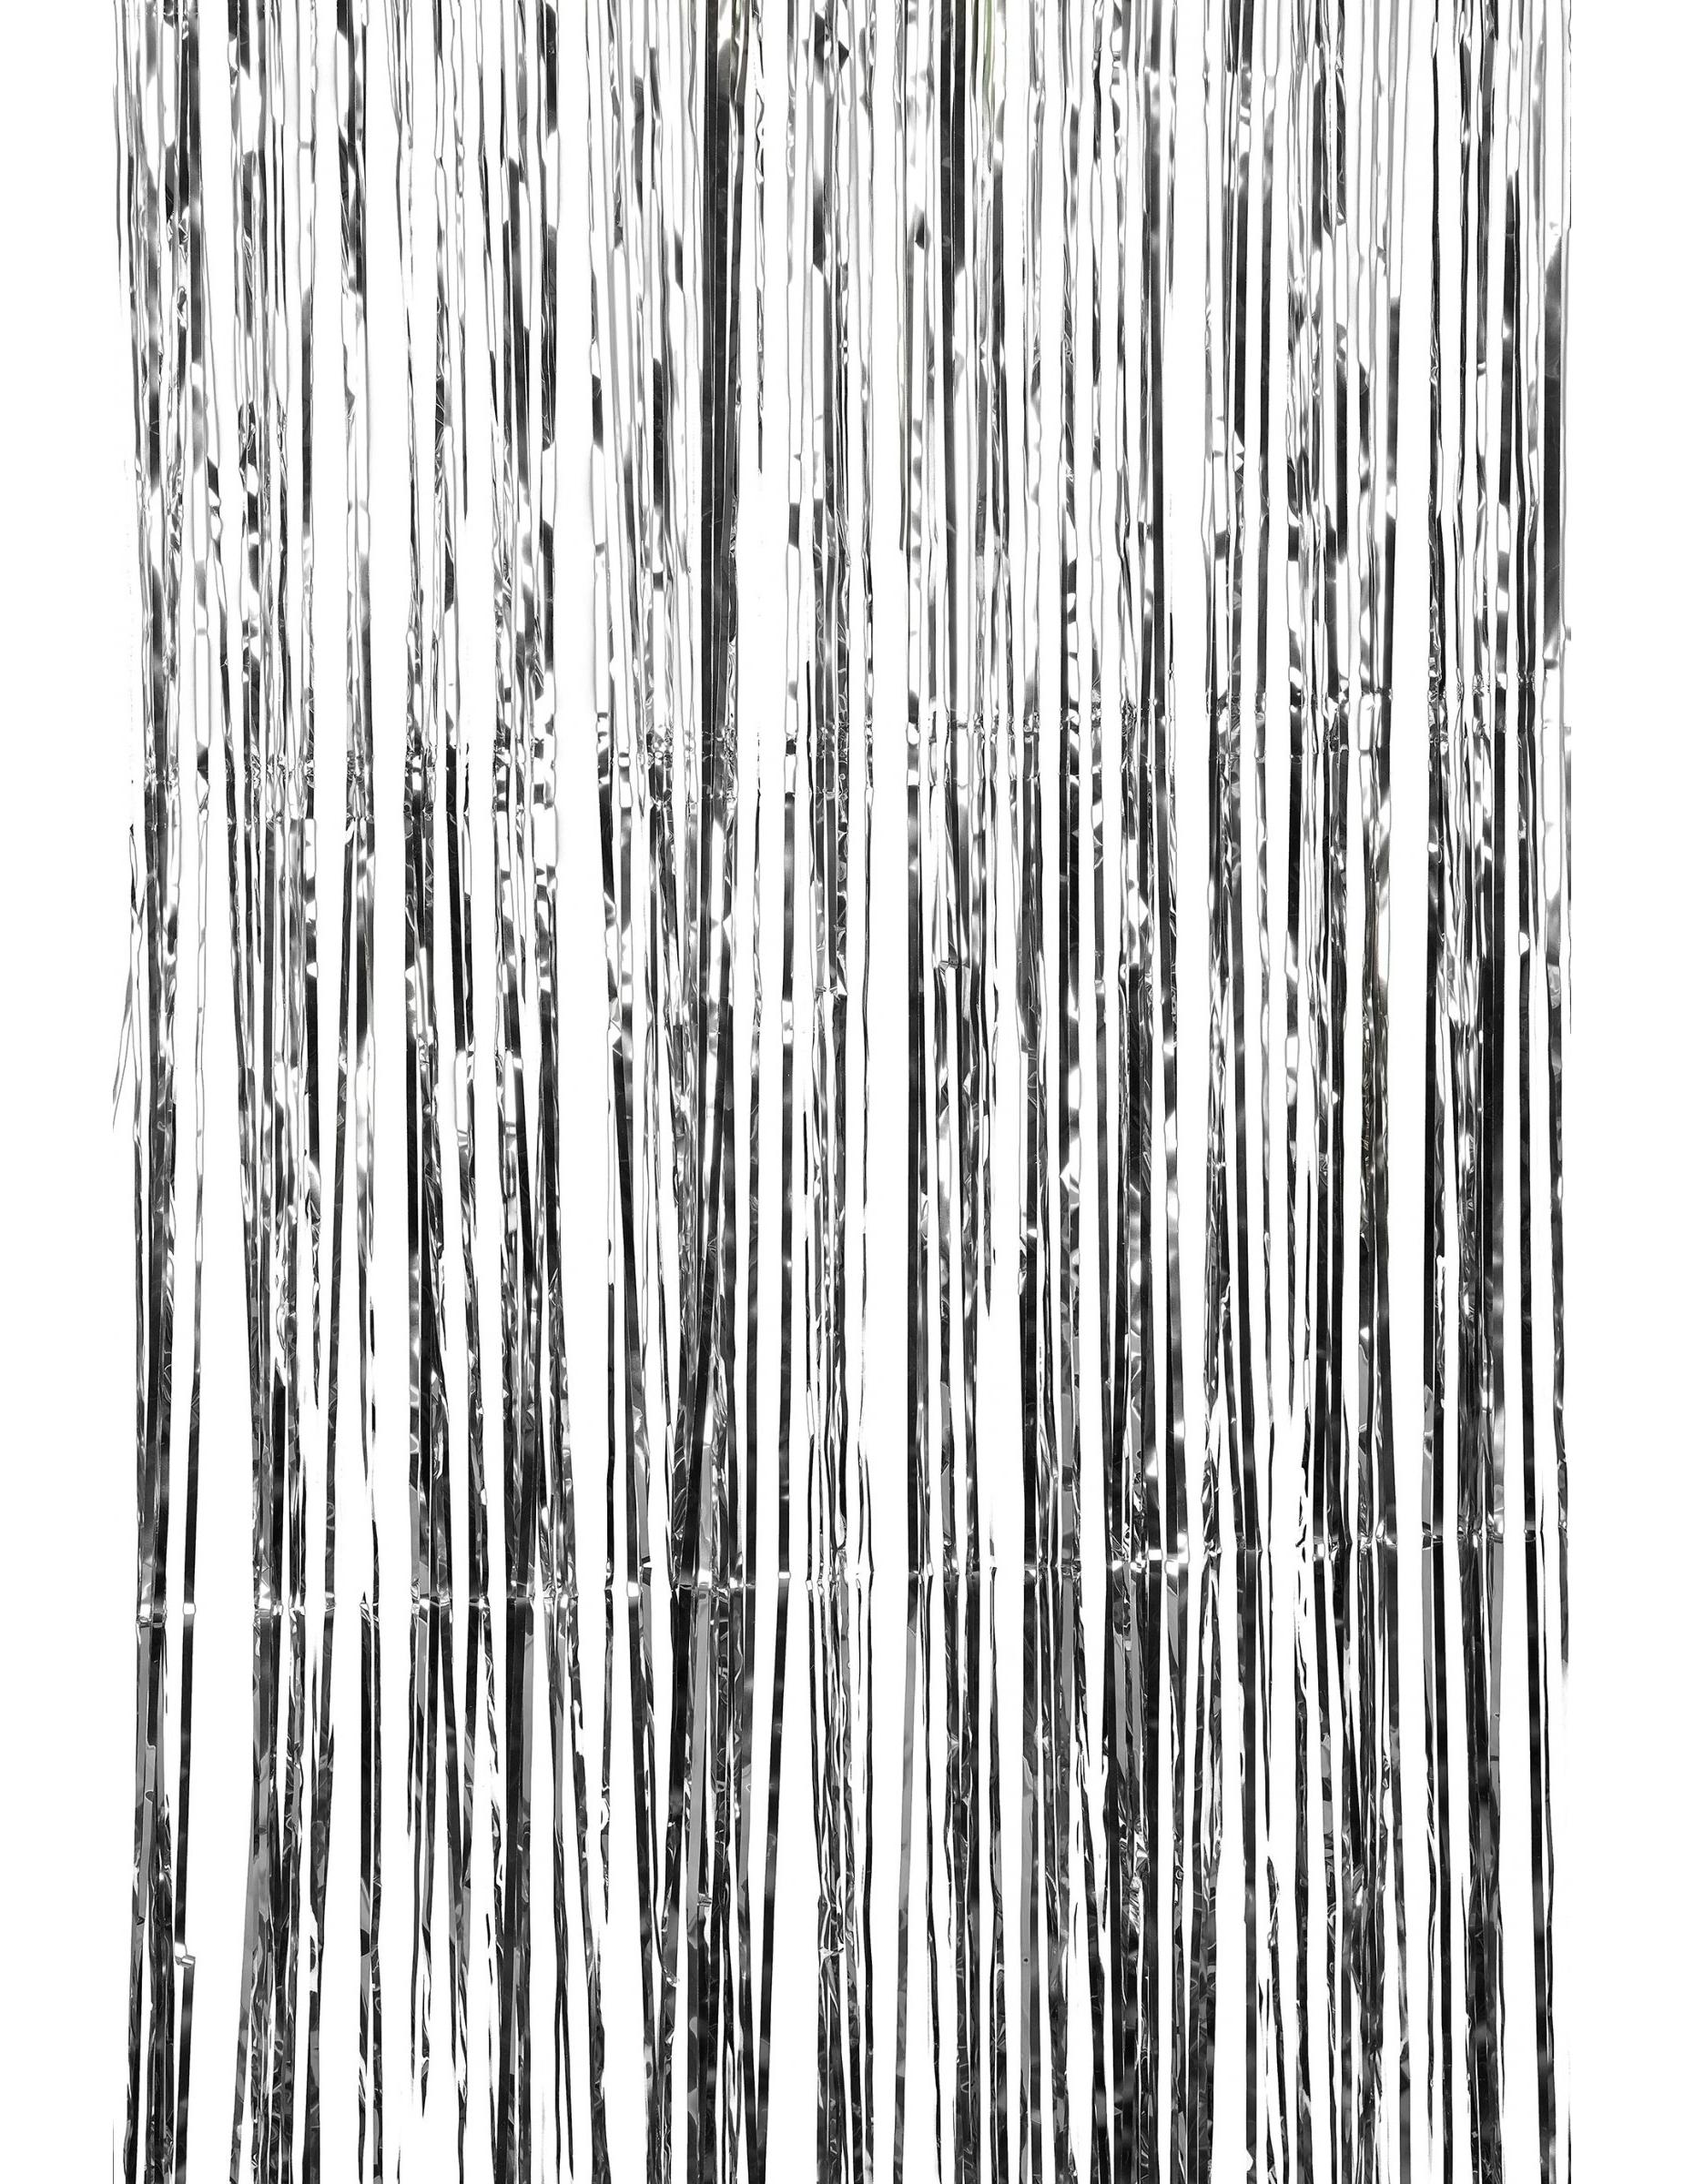 Glinsterend zilverkleurig gordijn voor Kerst